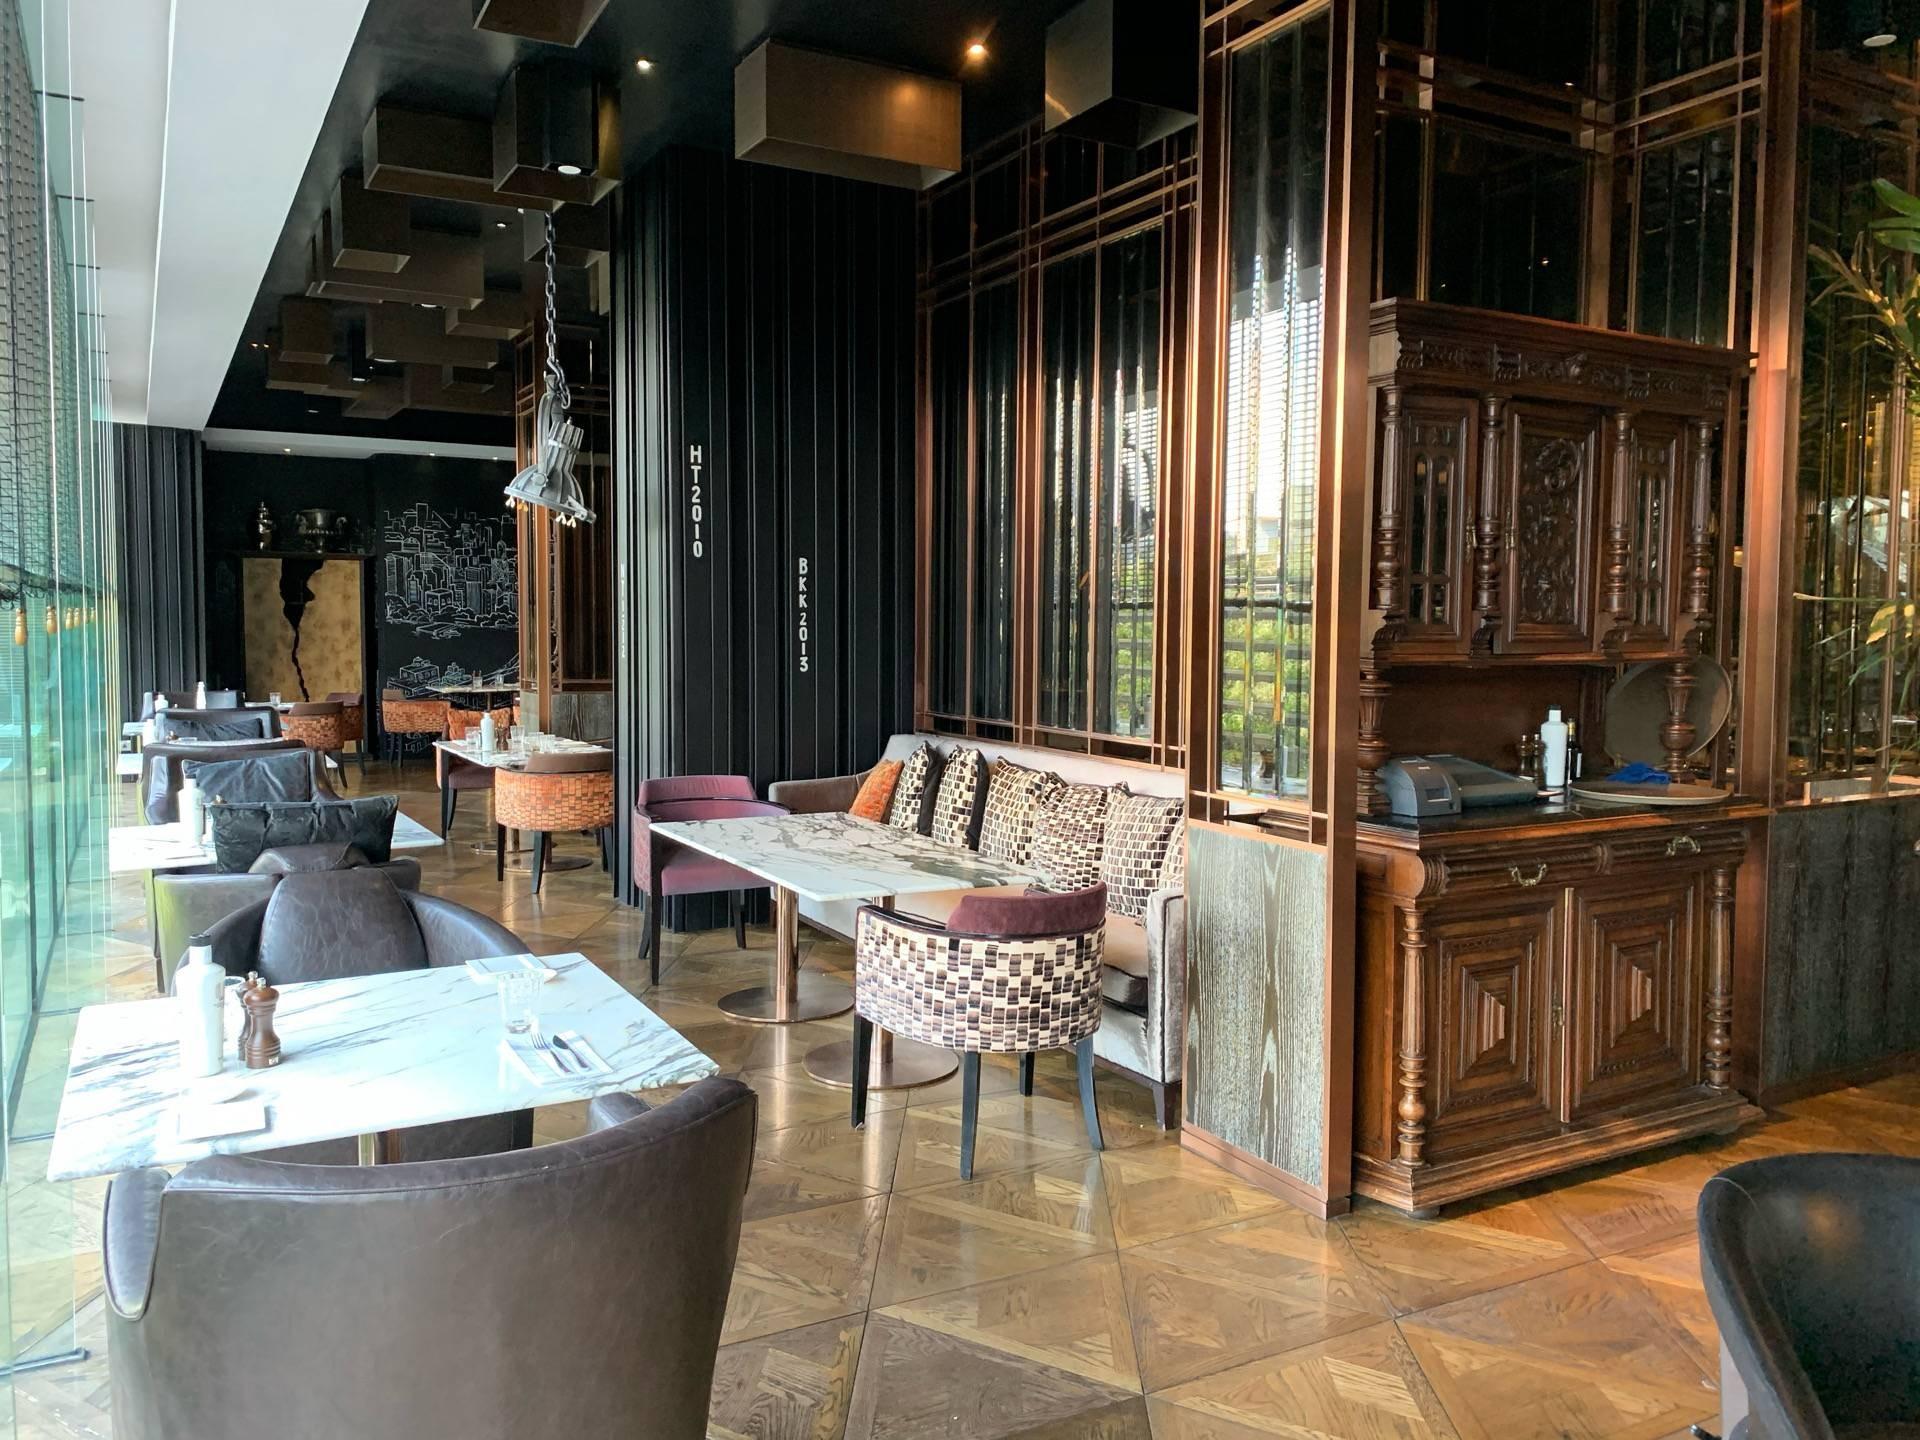 Scalini โรงแรมฮิลตัน สุขุมวิท กรุงเทพฯ